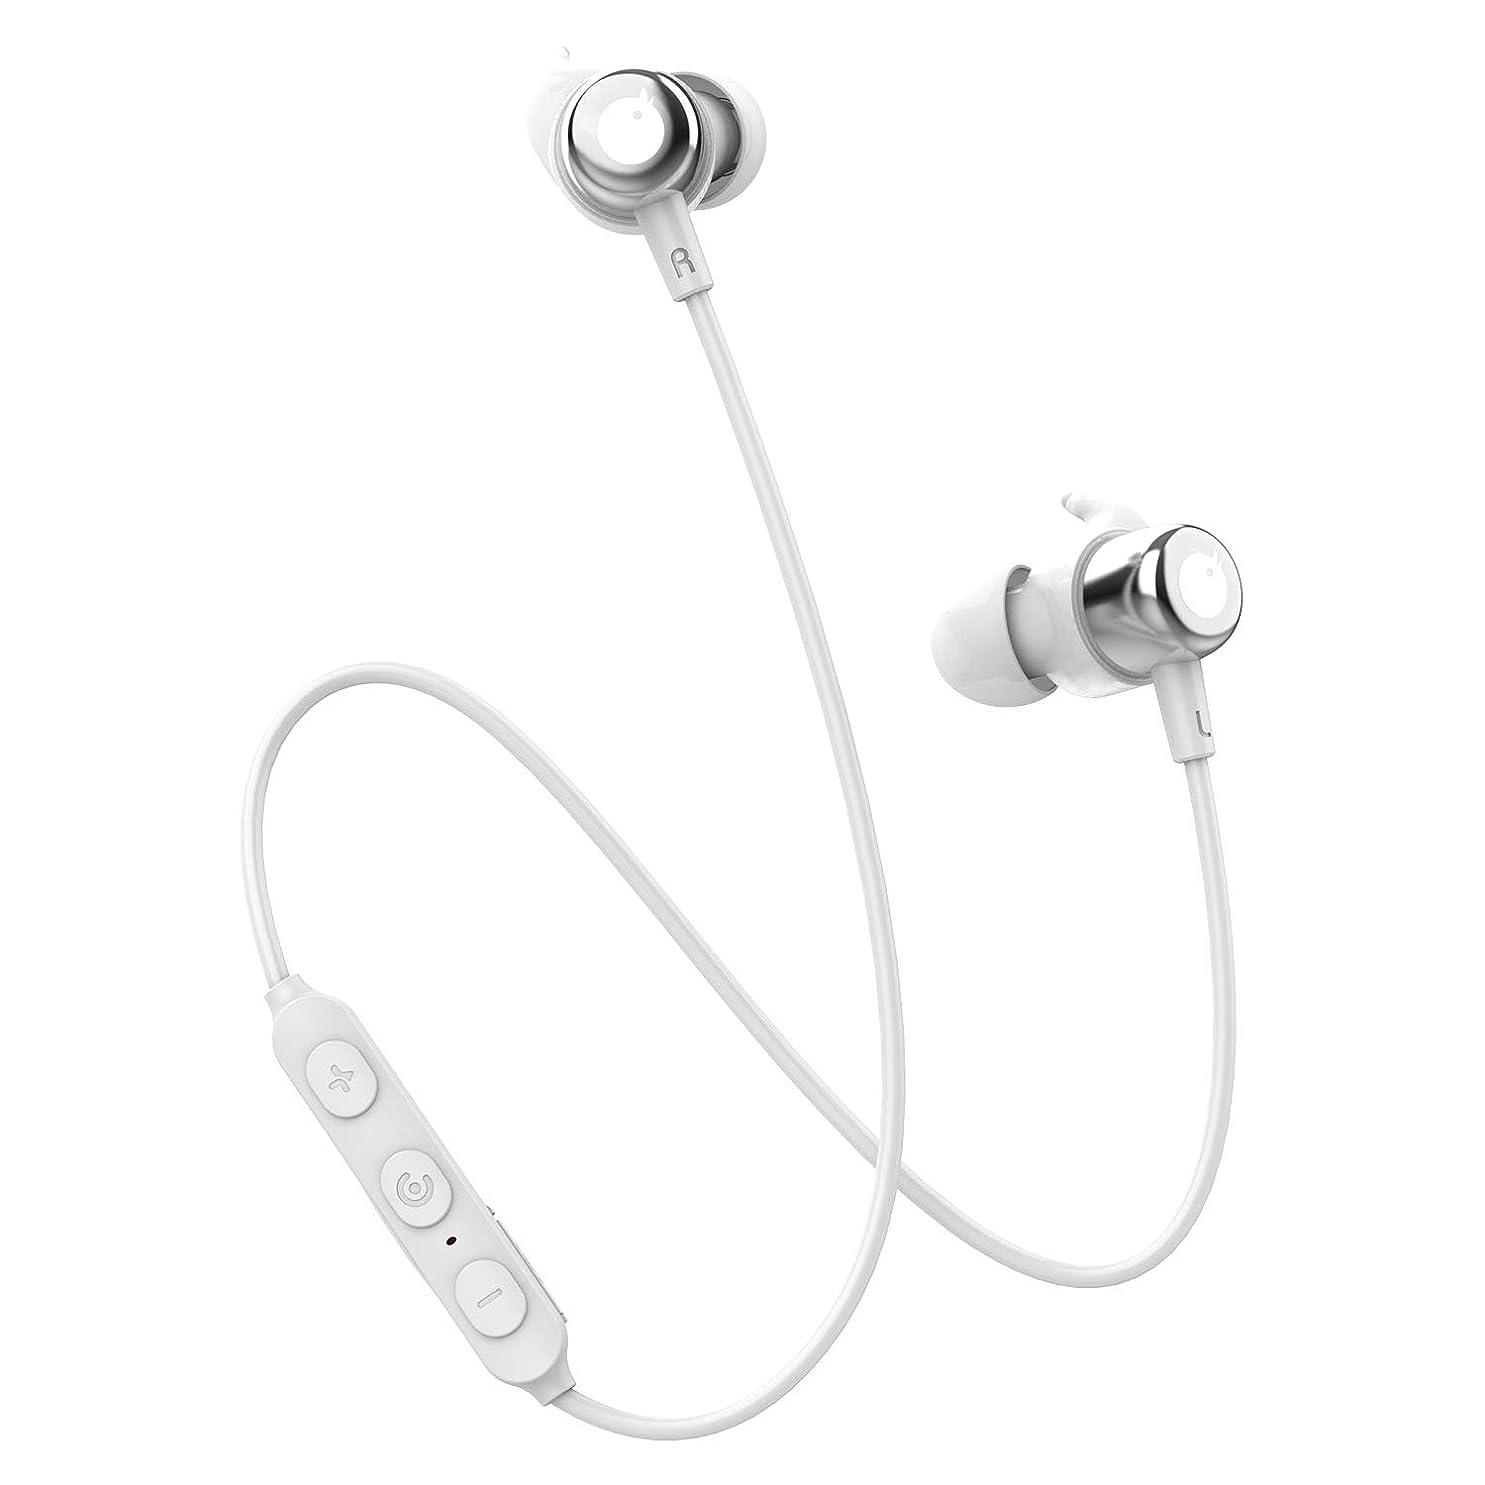 チーター各細心のZolo Liberty (Bluetooth 4.2 完全ワイヤレスイヤホン) 【PSE認証済 / 最大24時間音楽再生 / Siri対応 / IPX5防水規格】(ブラック)